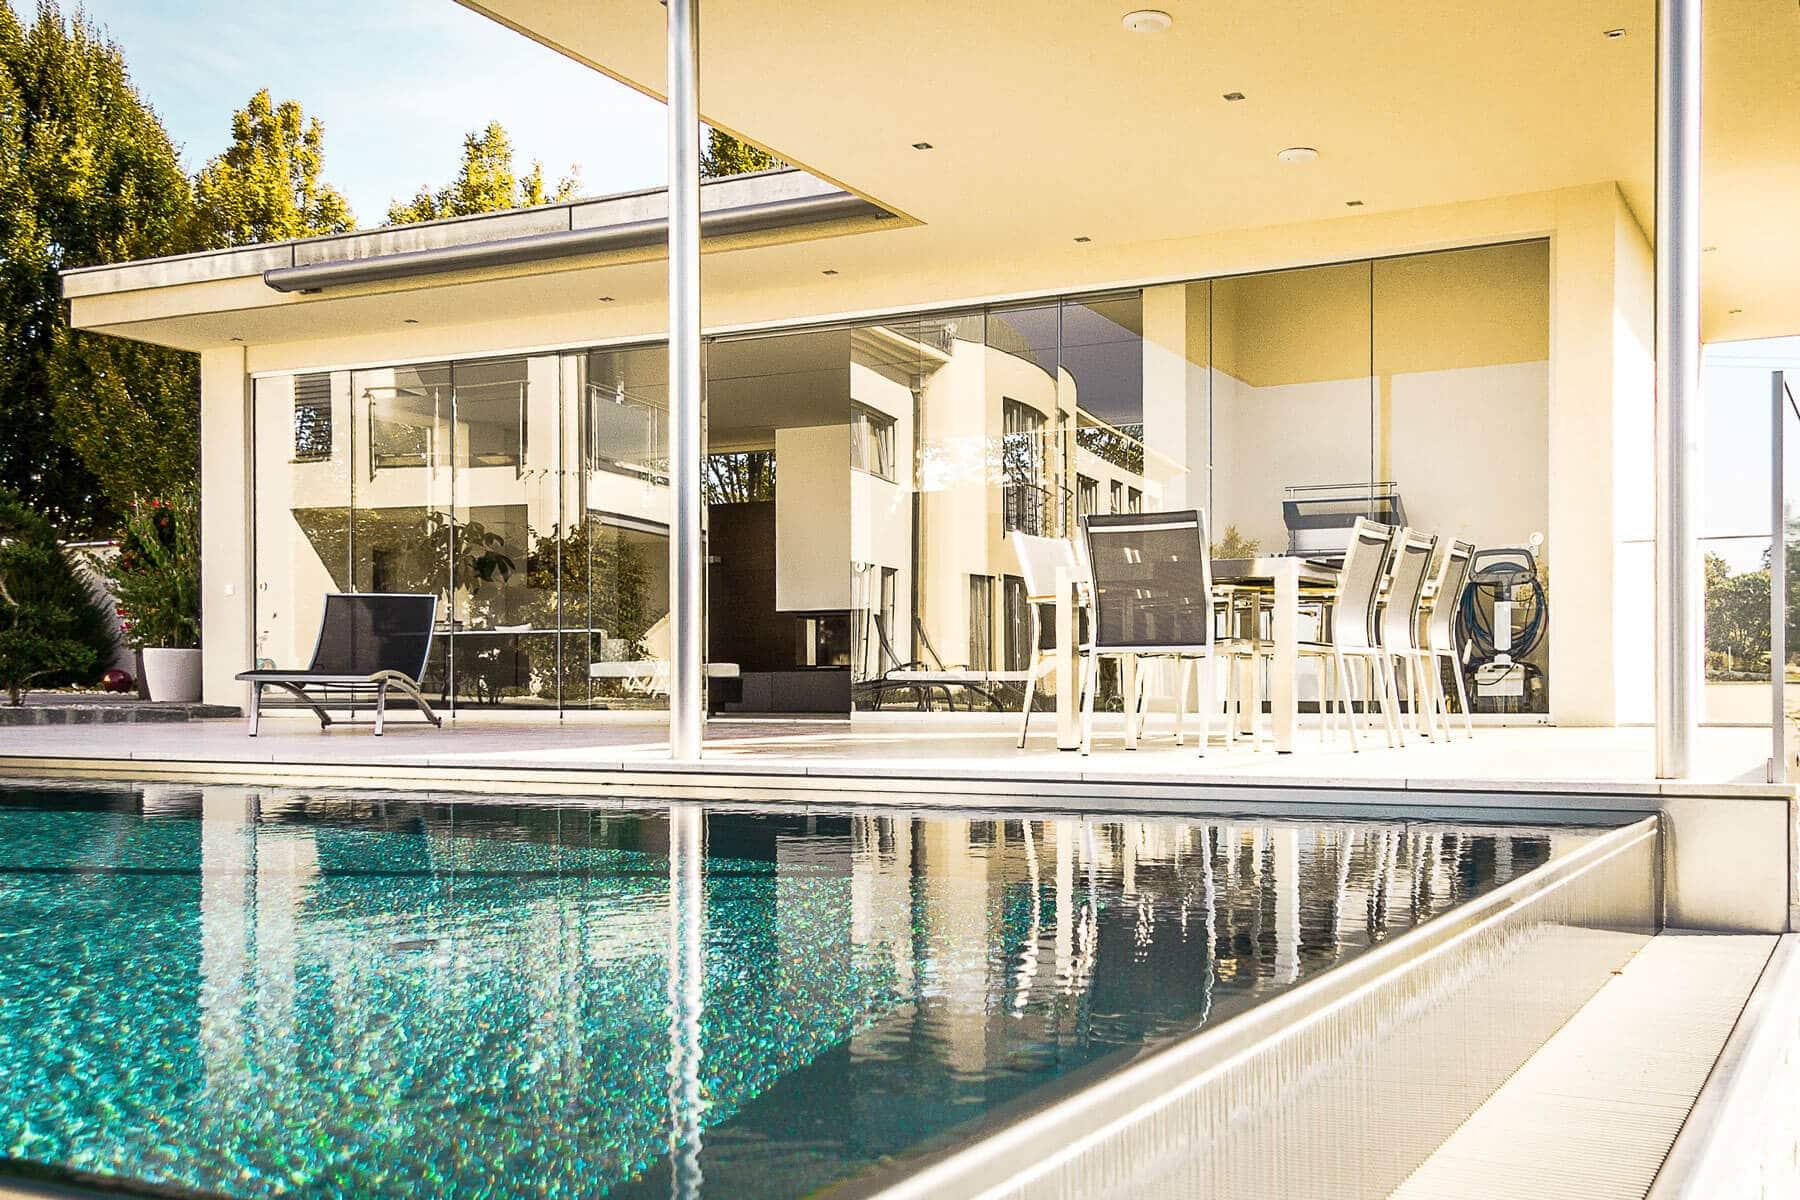 Exklusives Poolhaus mit Glasschiebetüren